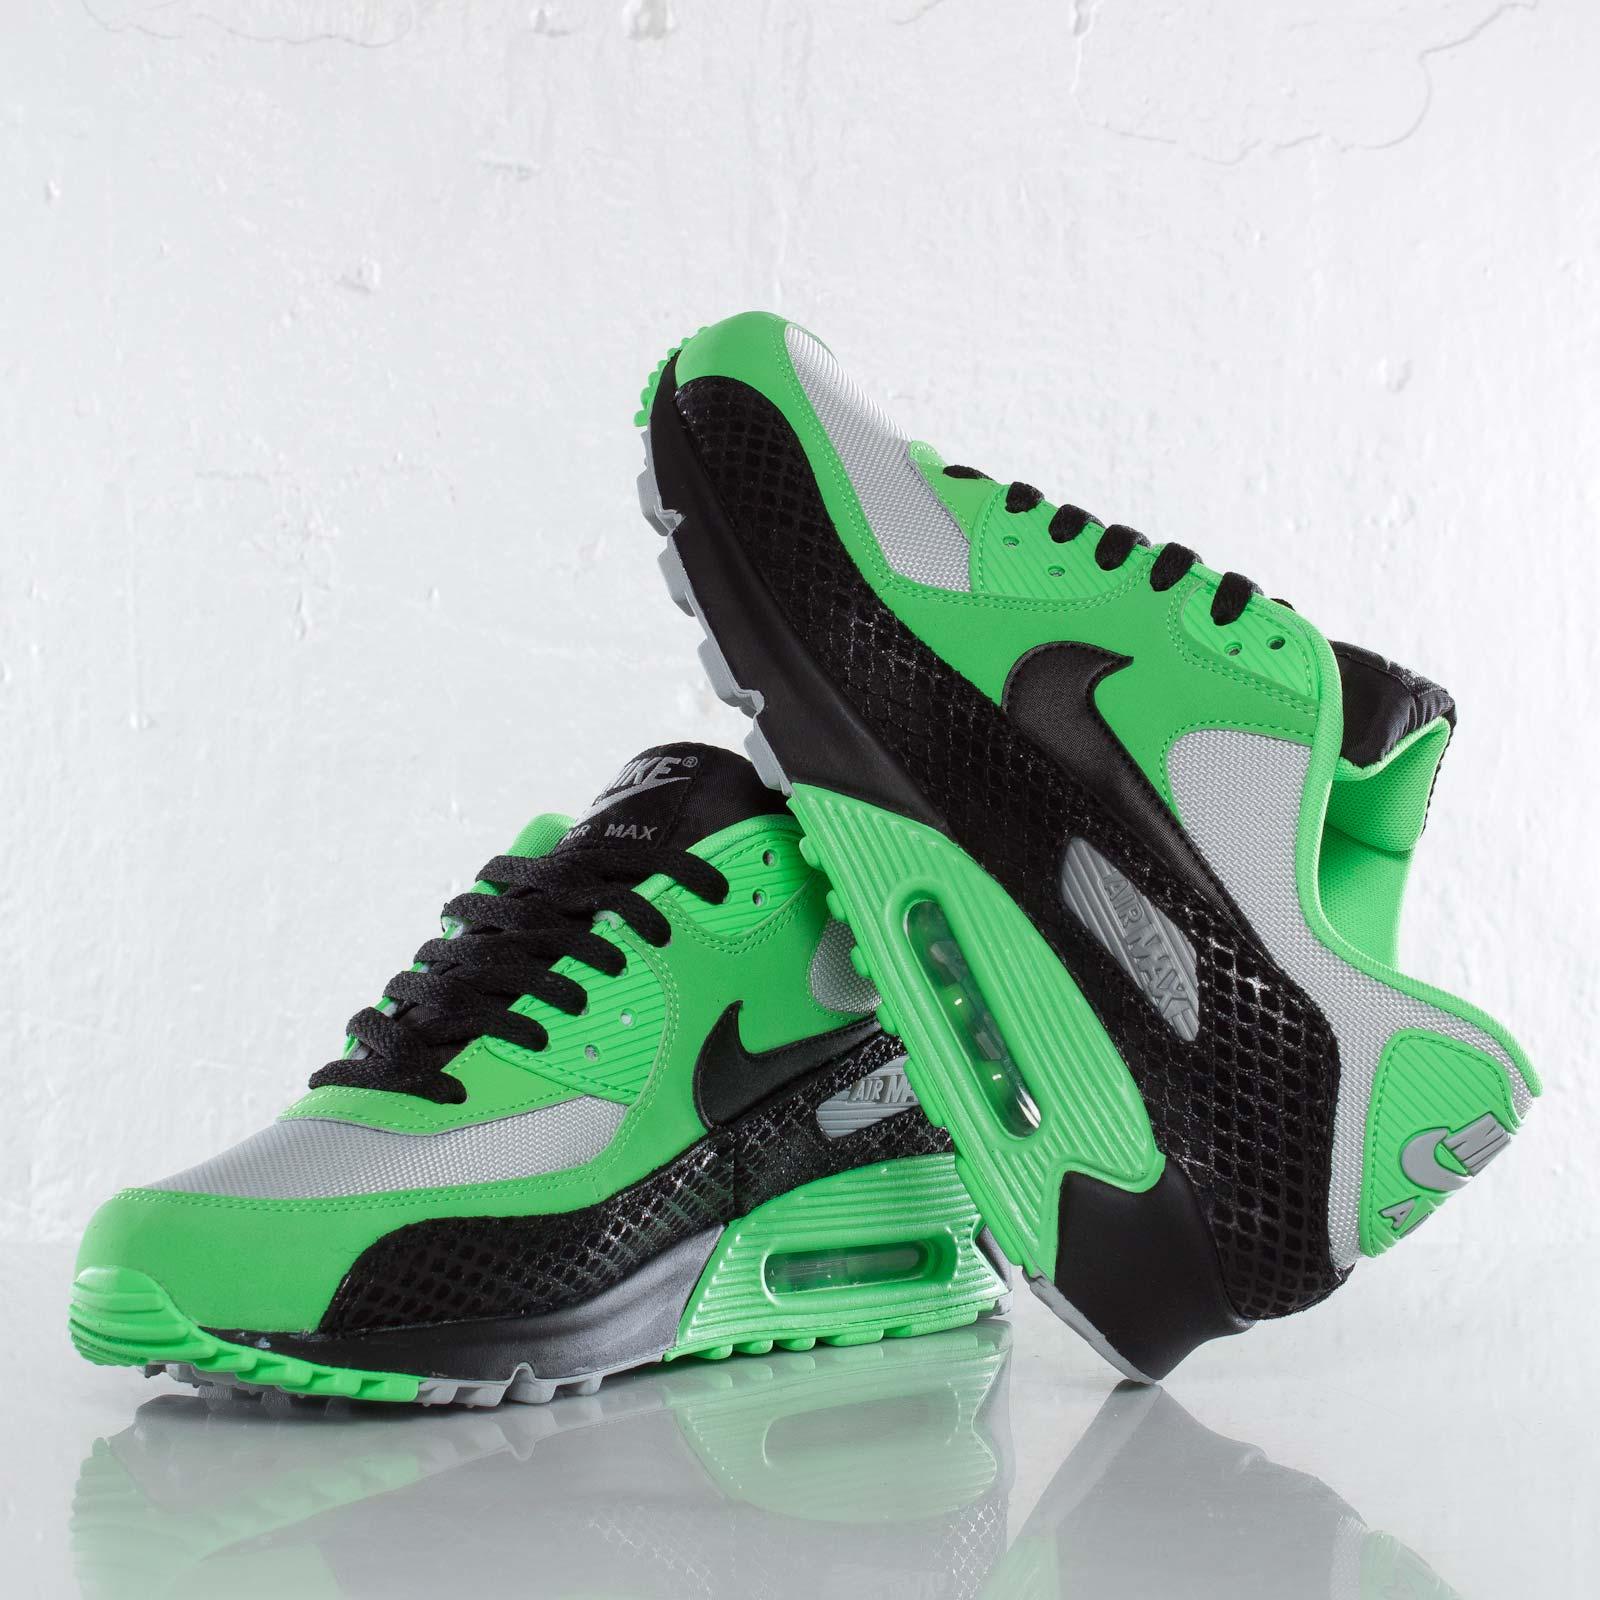 nike air max 90 premium poison green black